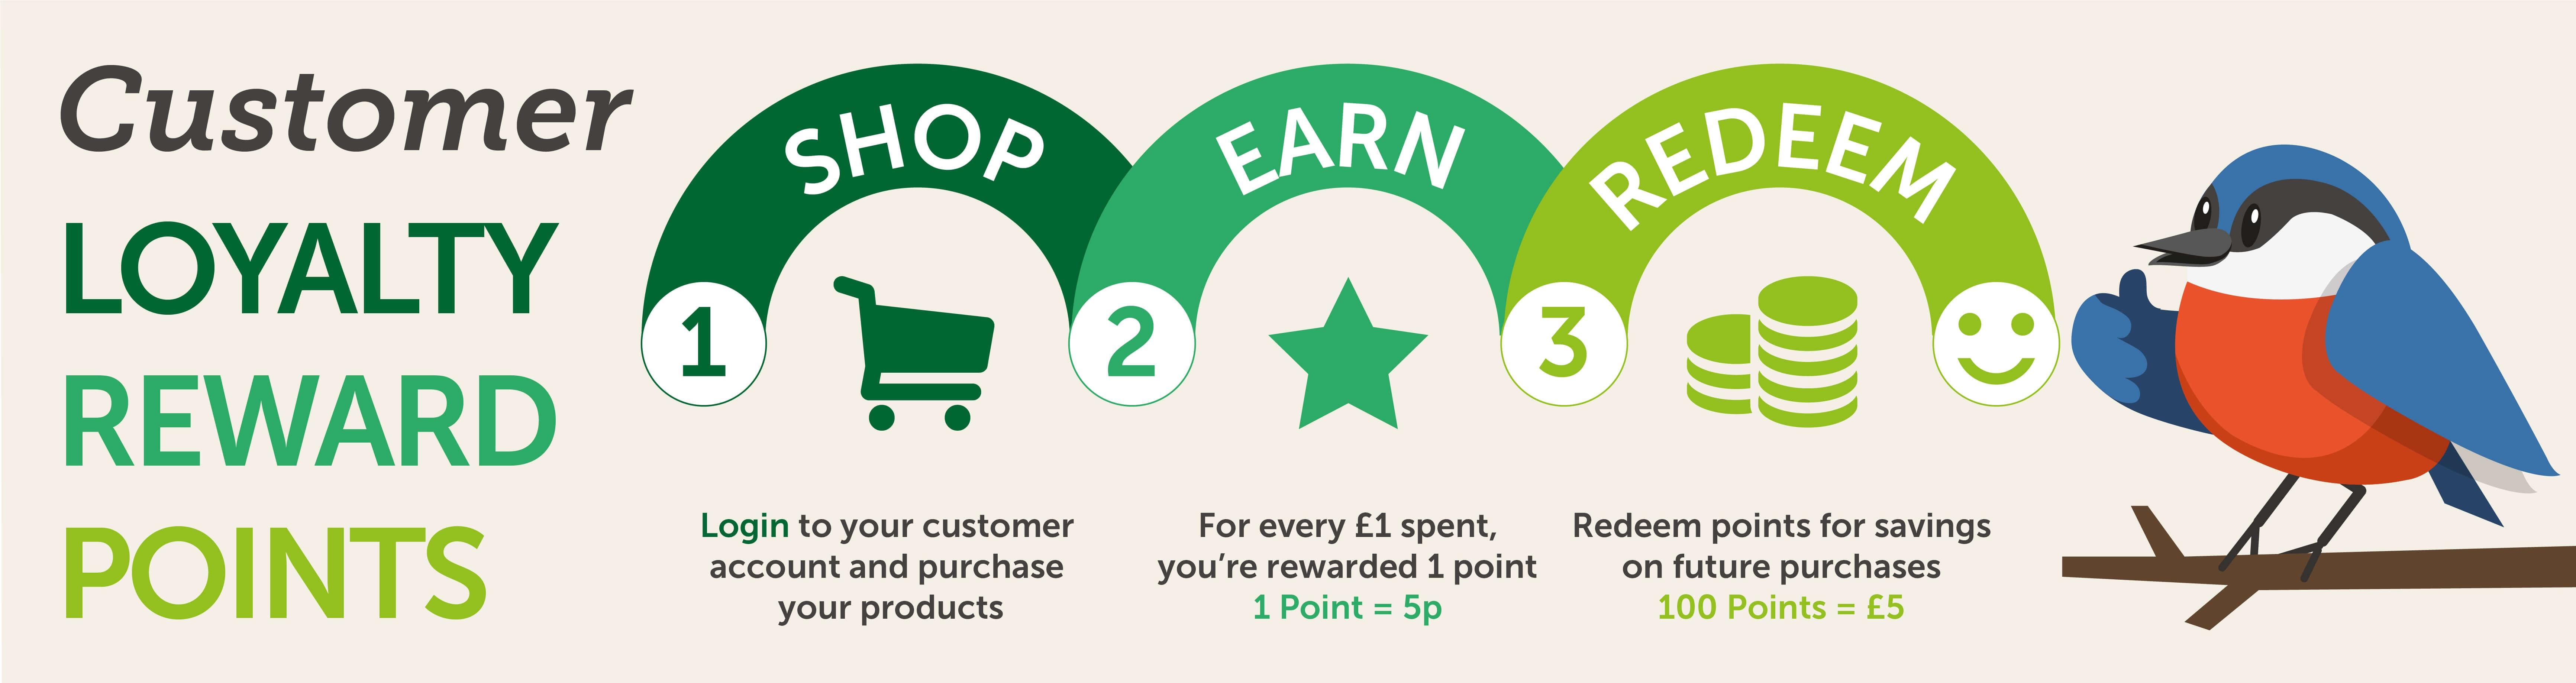 GardenBird Reward Points Scheme